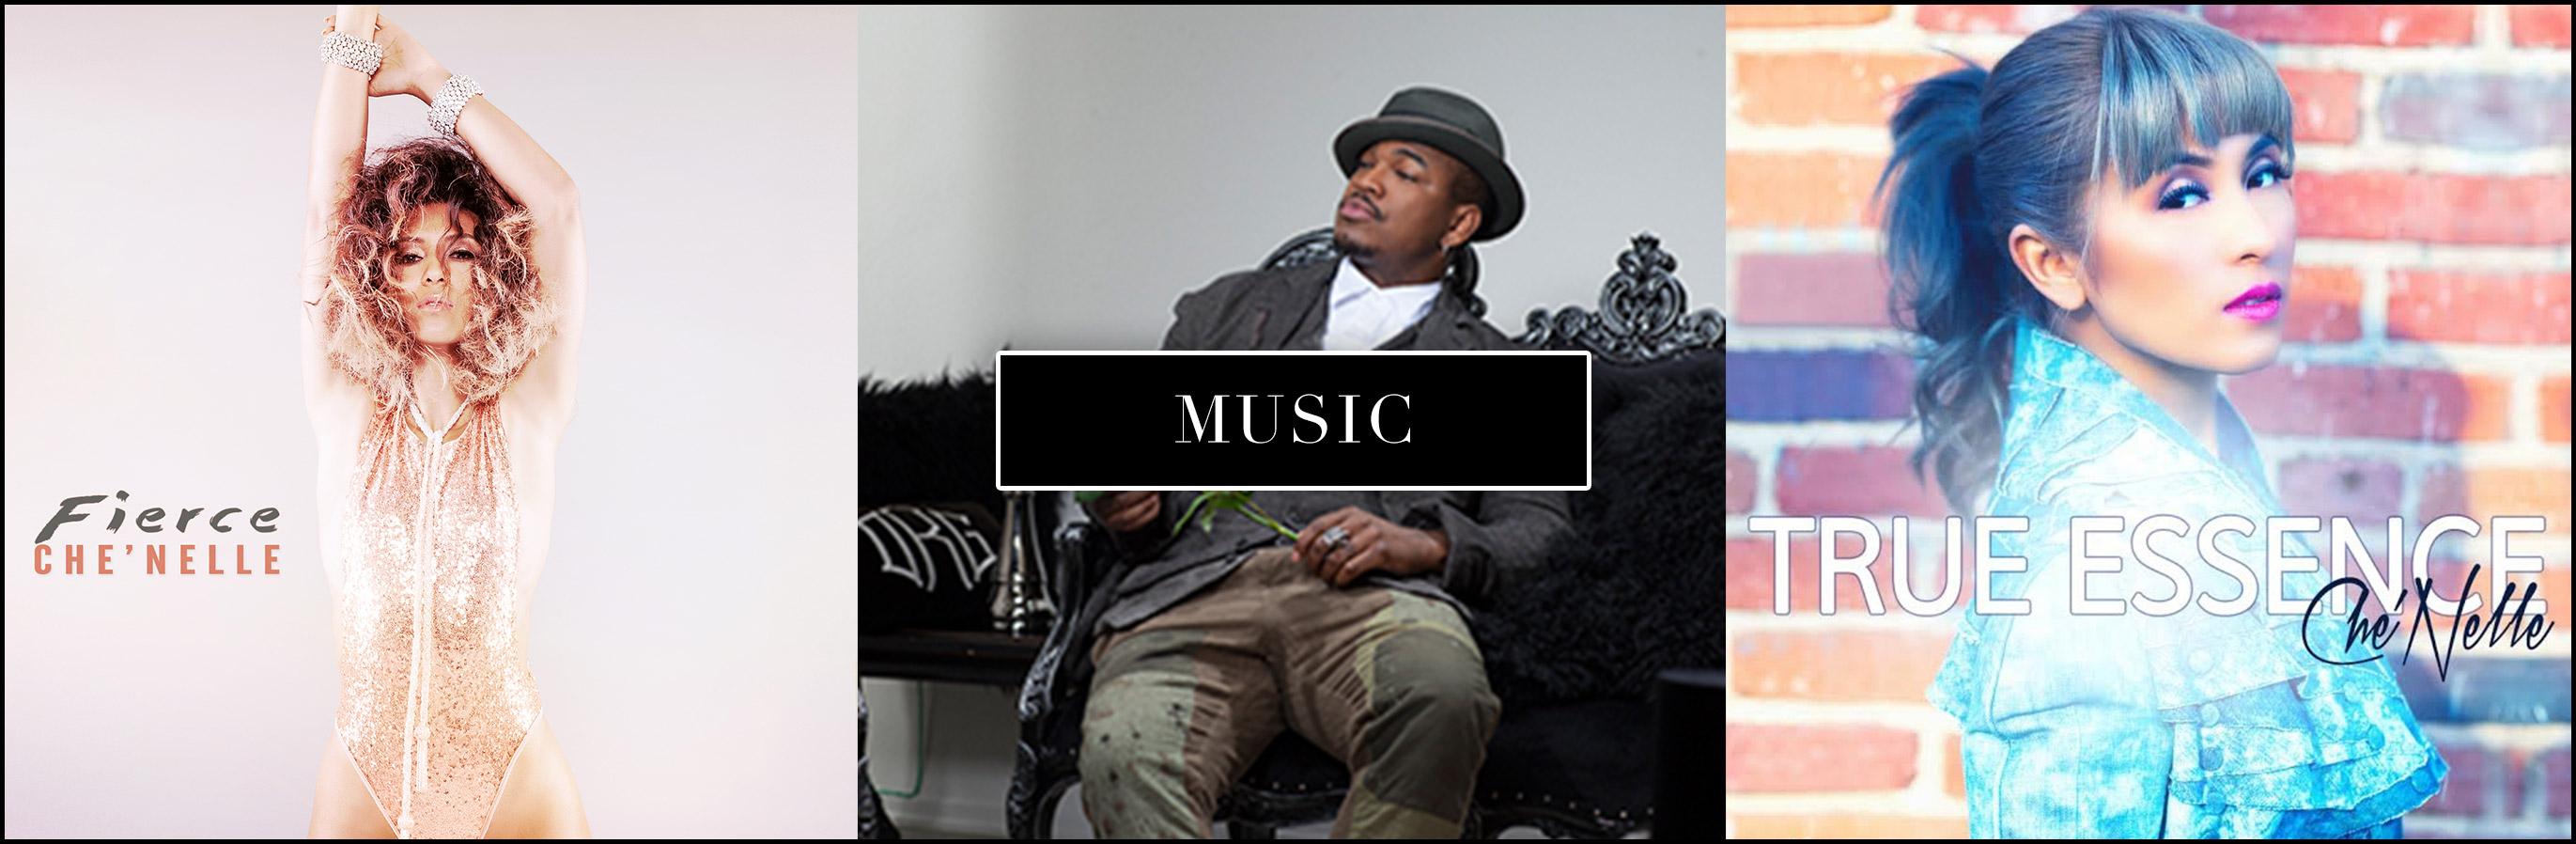 Daniel Musto's Music Portfolio